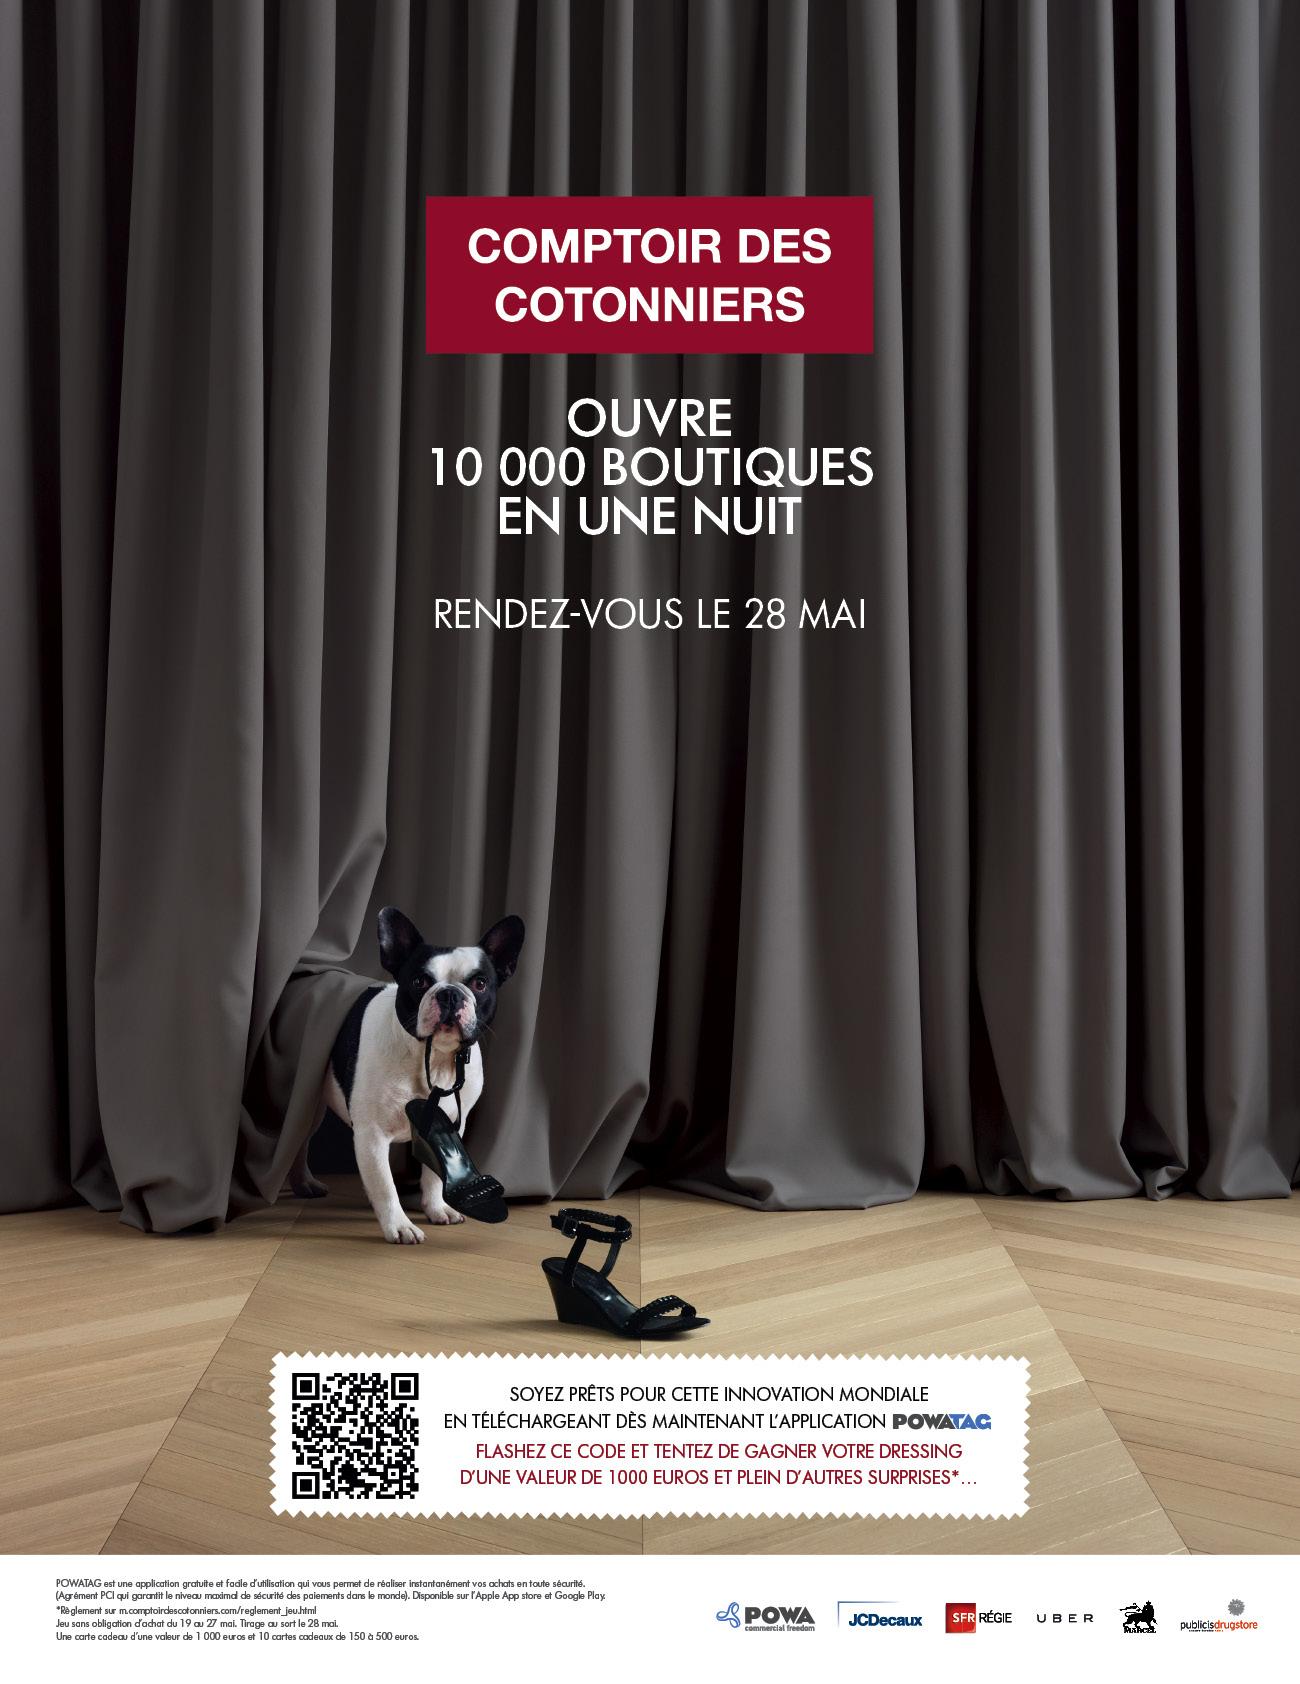 Le fast shopping comptoir des cotonniers agence marcel - Le comptoir des cotonniers ...